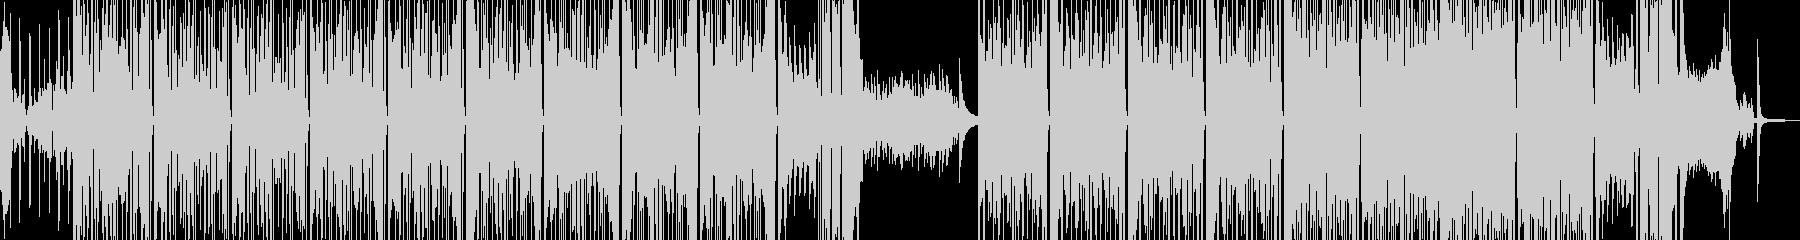 タイム制限クイズのようなポップス cの未再生の波形